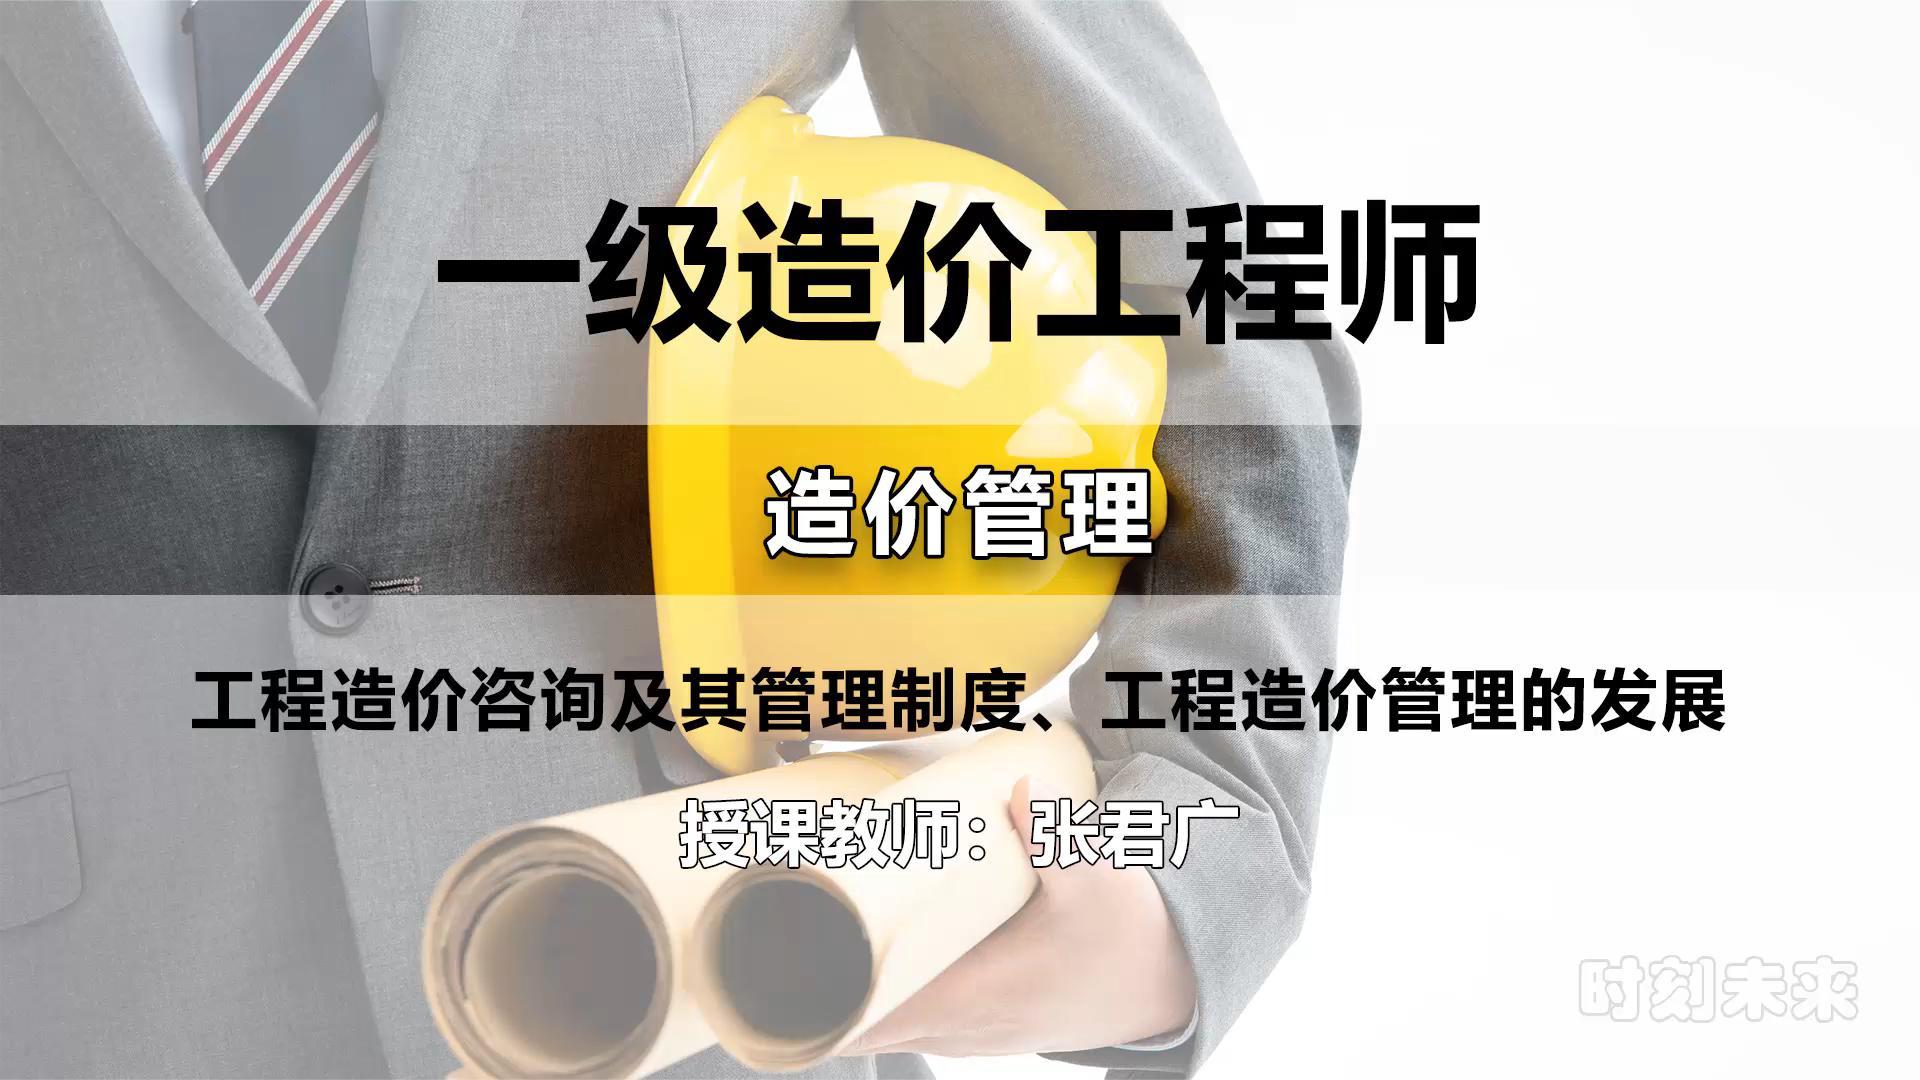 张君广-一级造价师-造价管理-精讲班